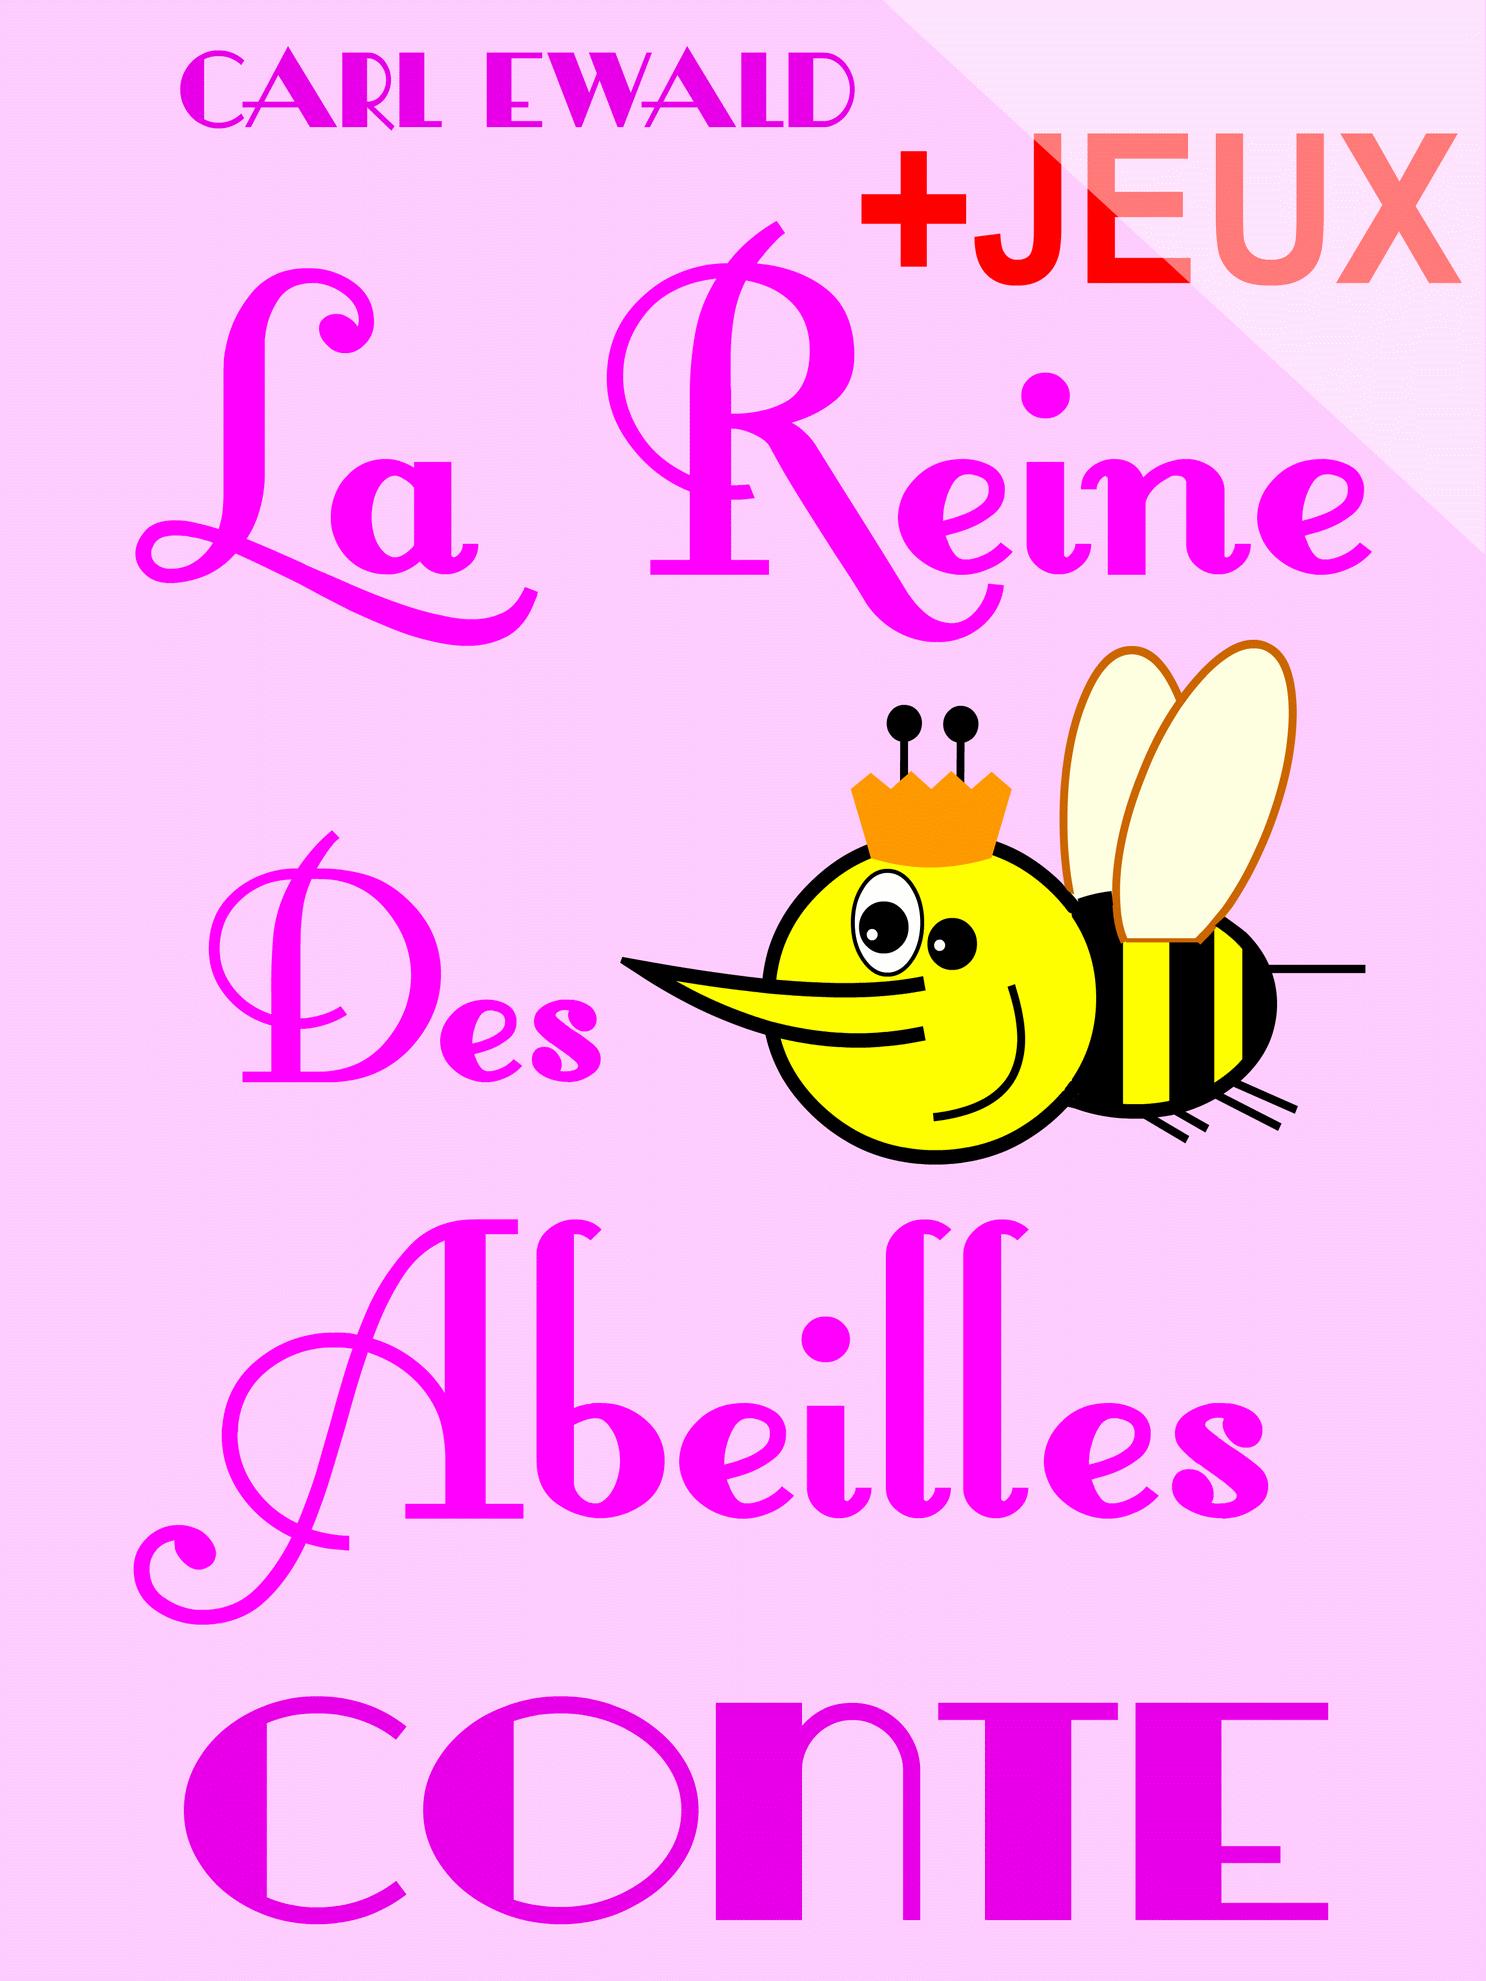 La Reine Des Abeilles - Conte Pour Enfants concernant Jeux De Mots Enfants